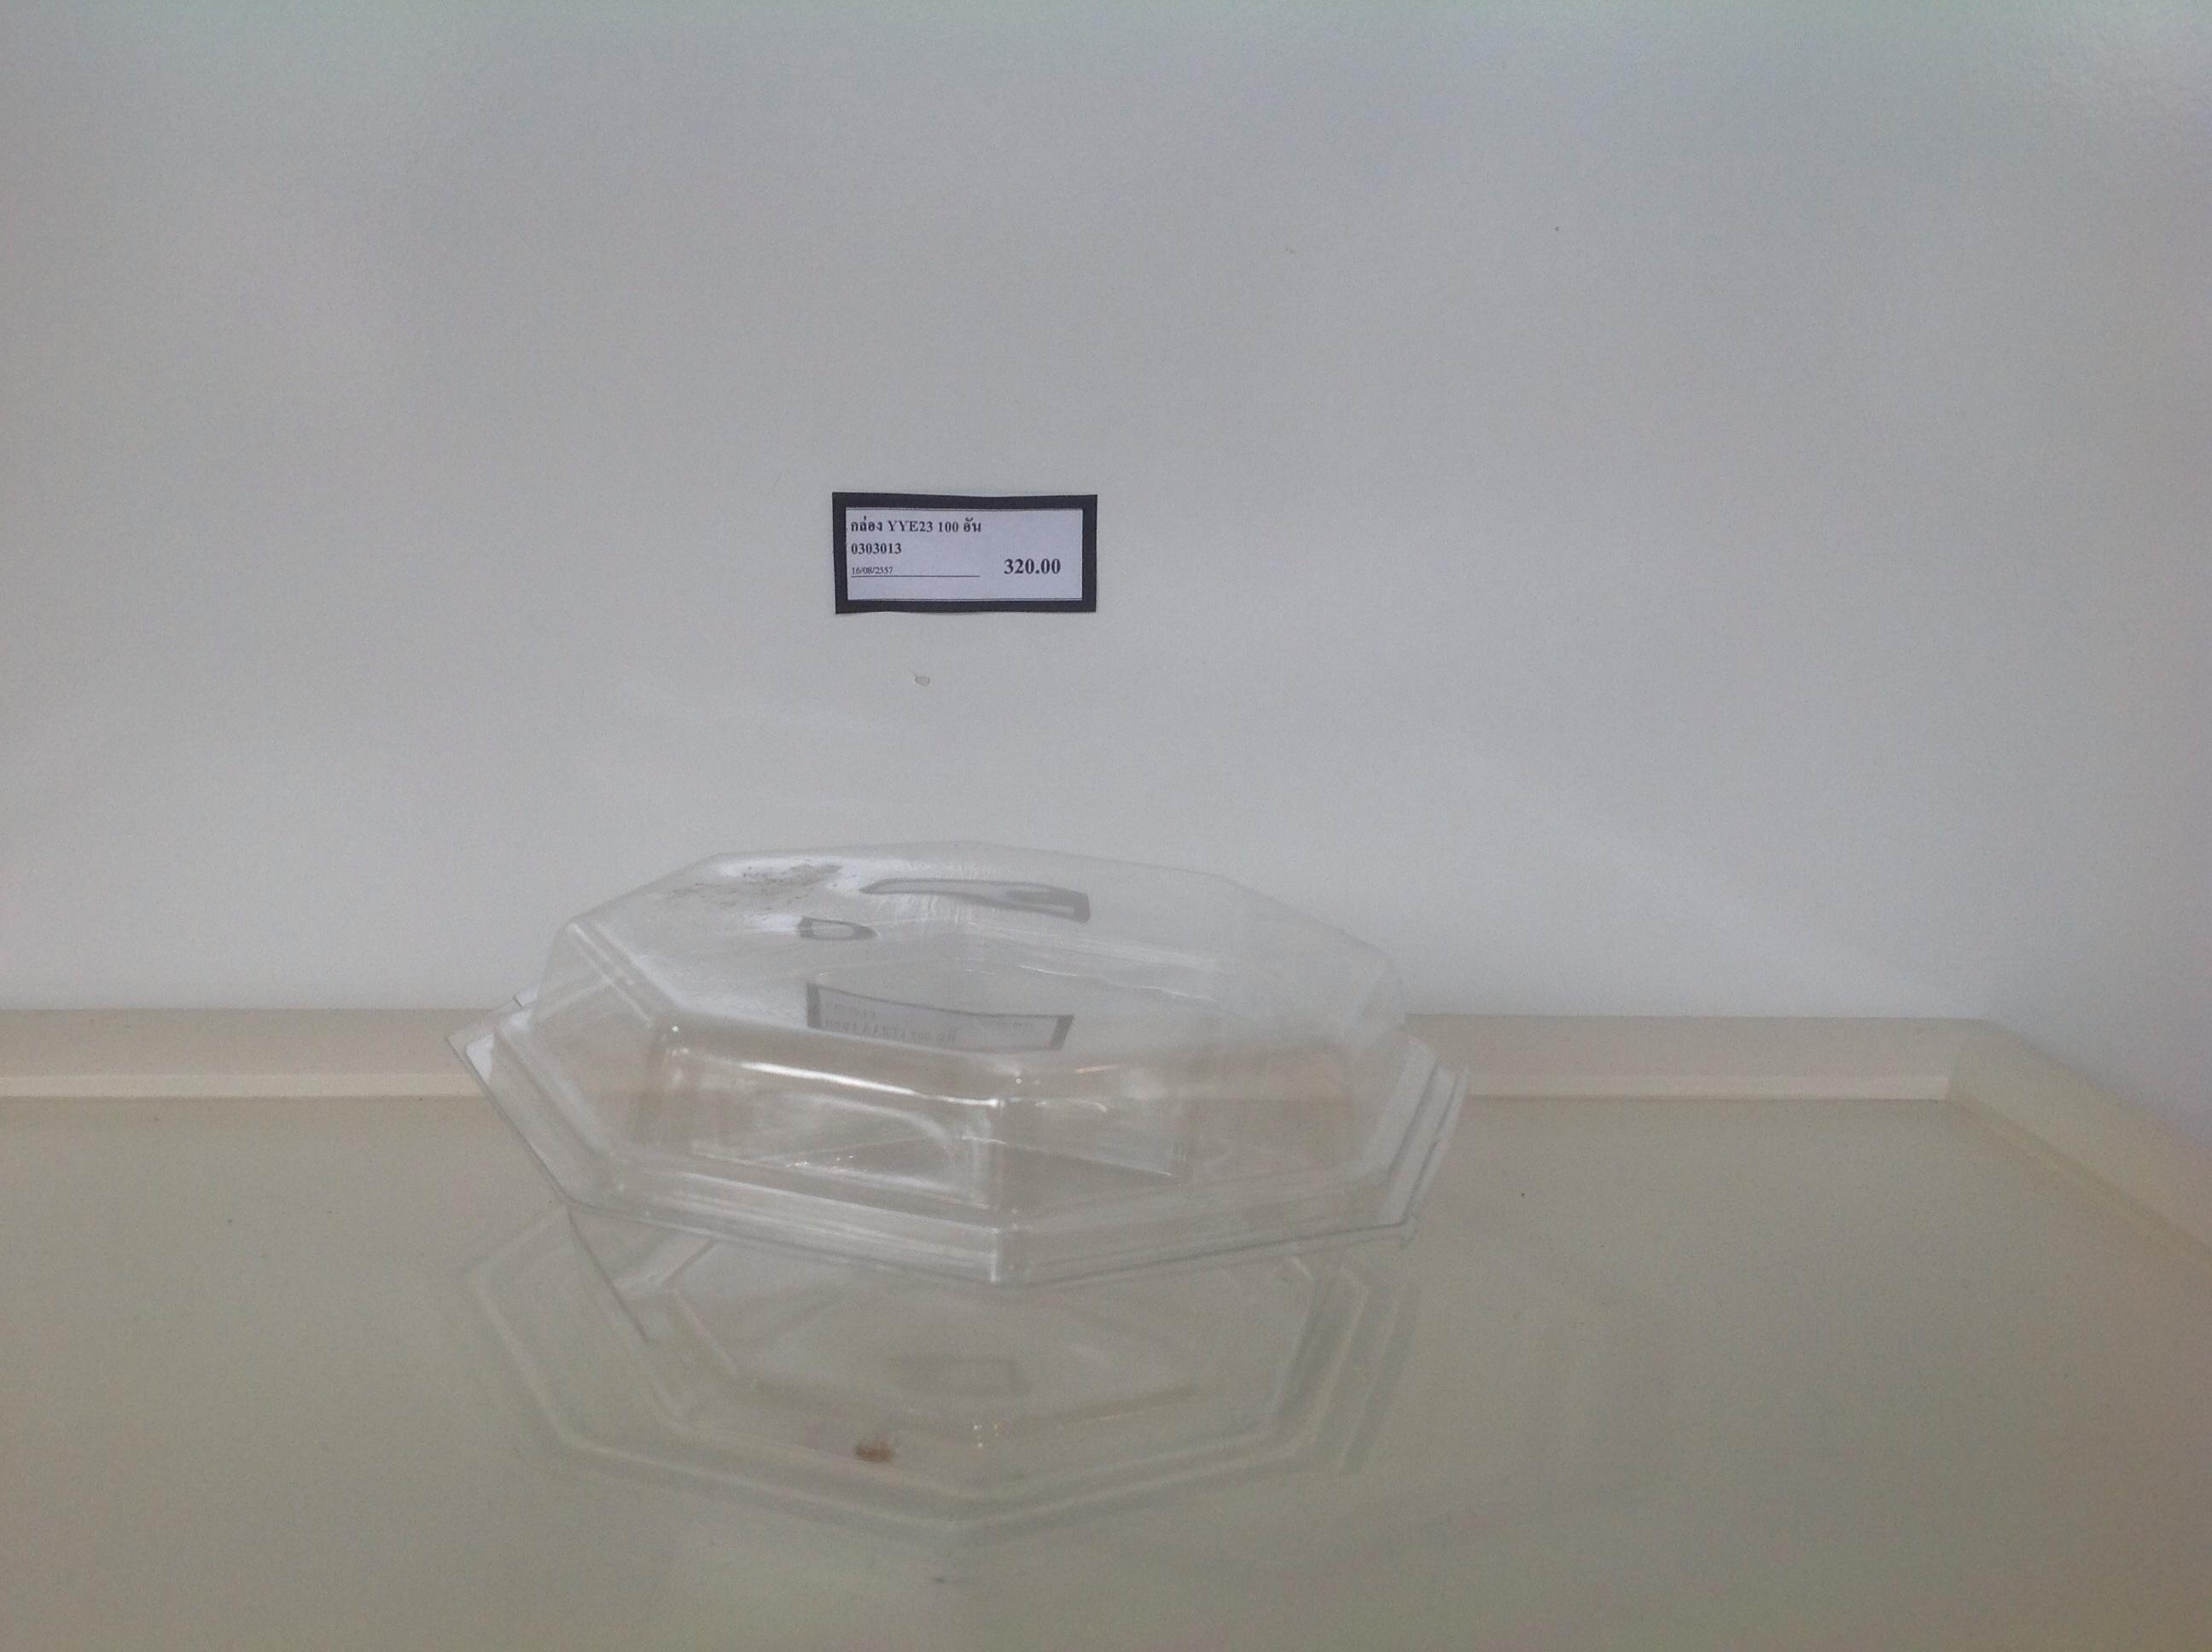 กล่อง YYE23 กว้าง 11 ยาว 11 สูง 5.5 ซม.